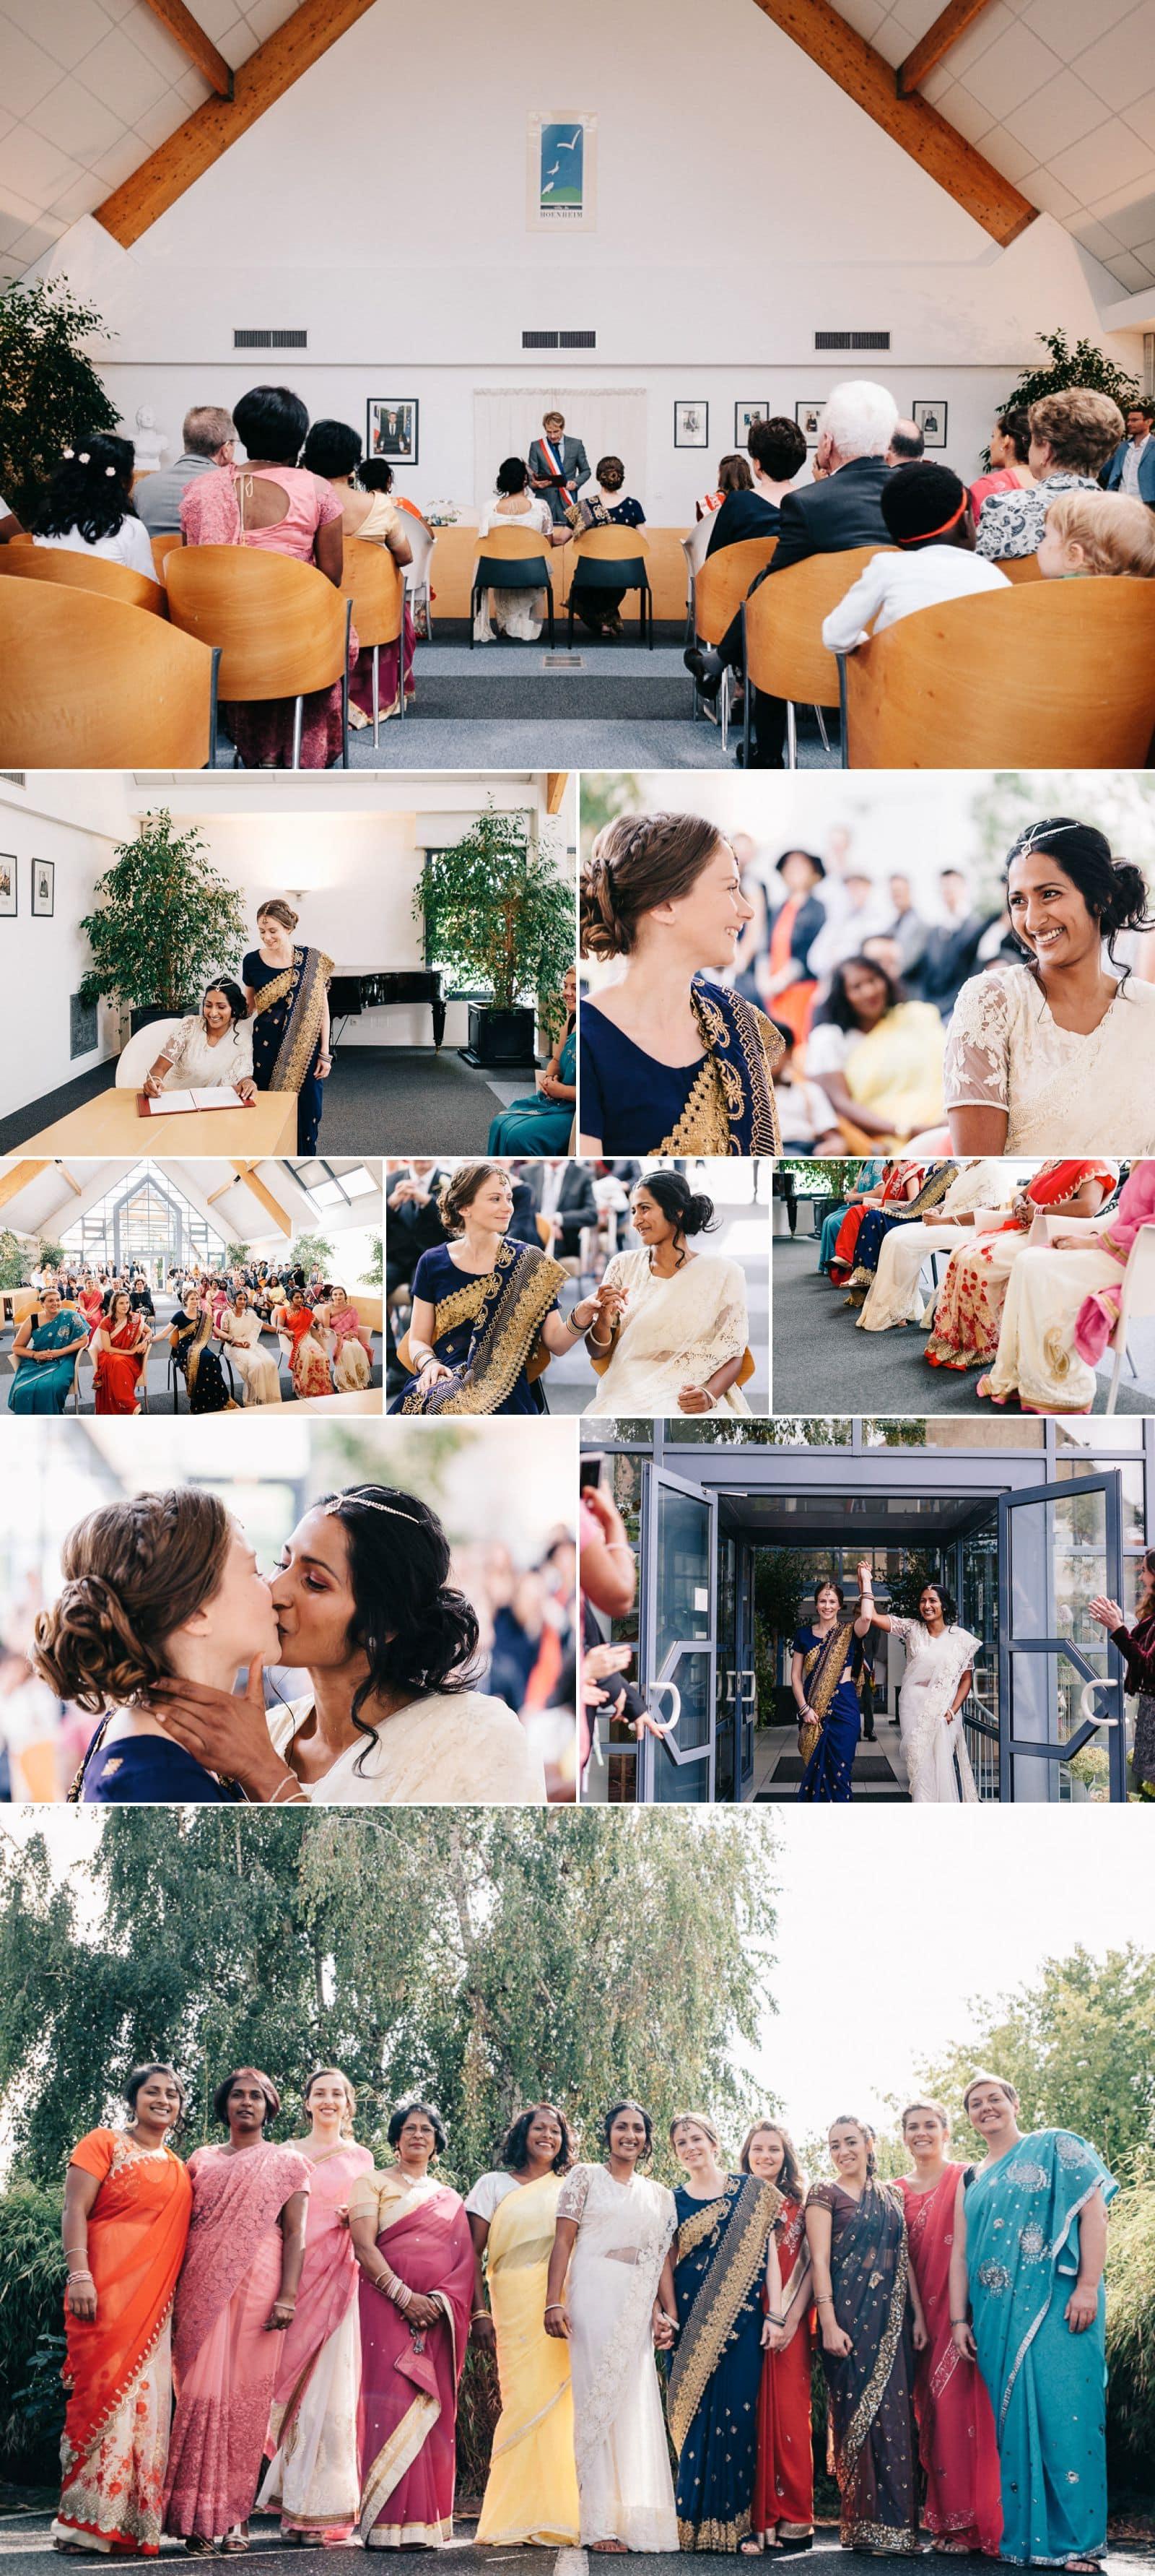 Photographe mariage Strasbourg - La cérémonie Civile